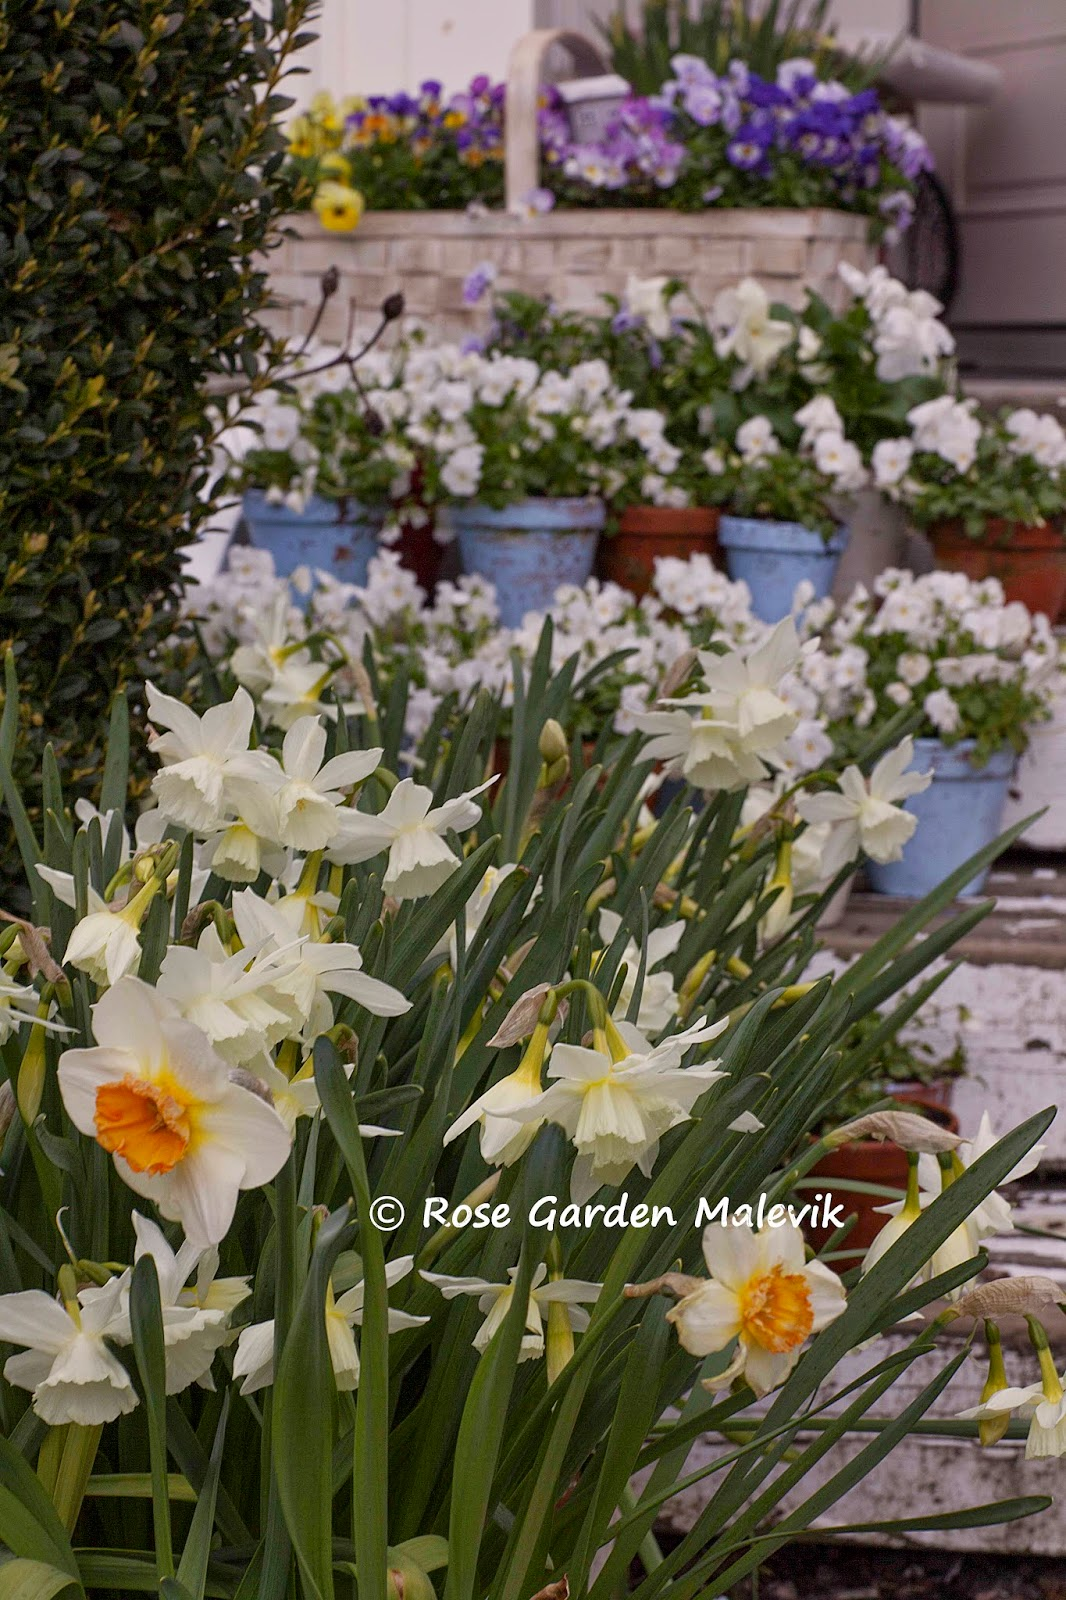 Rose garden malevik: april 2015